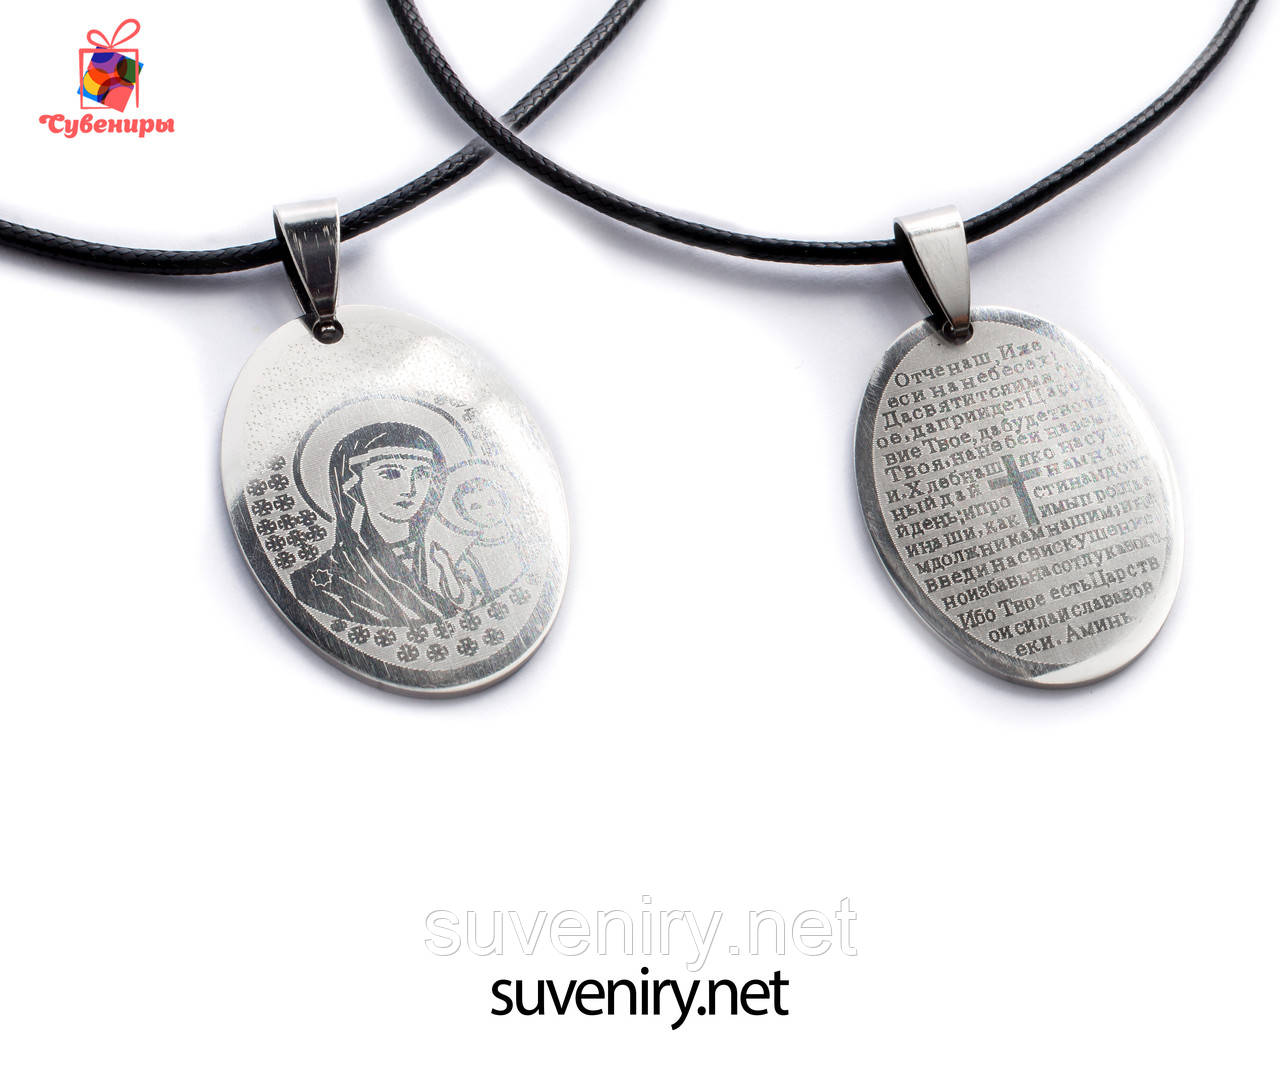 Кулон на шею с иконкой и молитвой Отче наш на русском языке